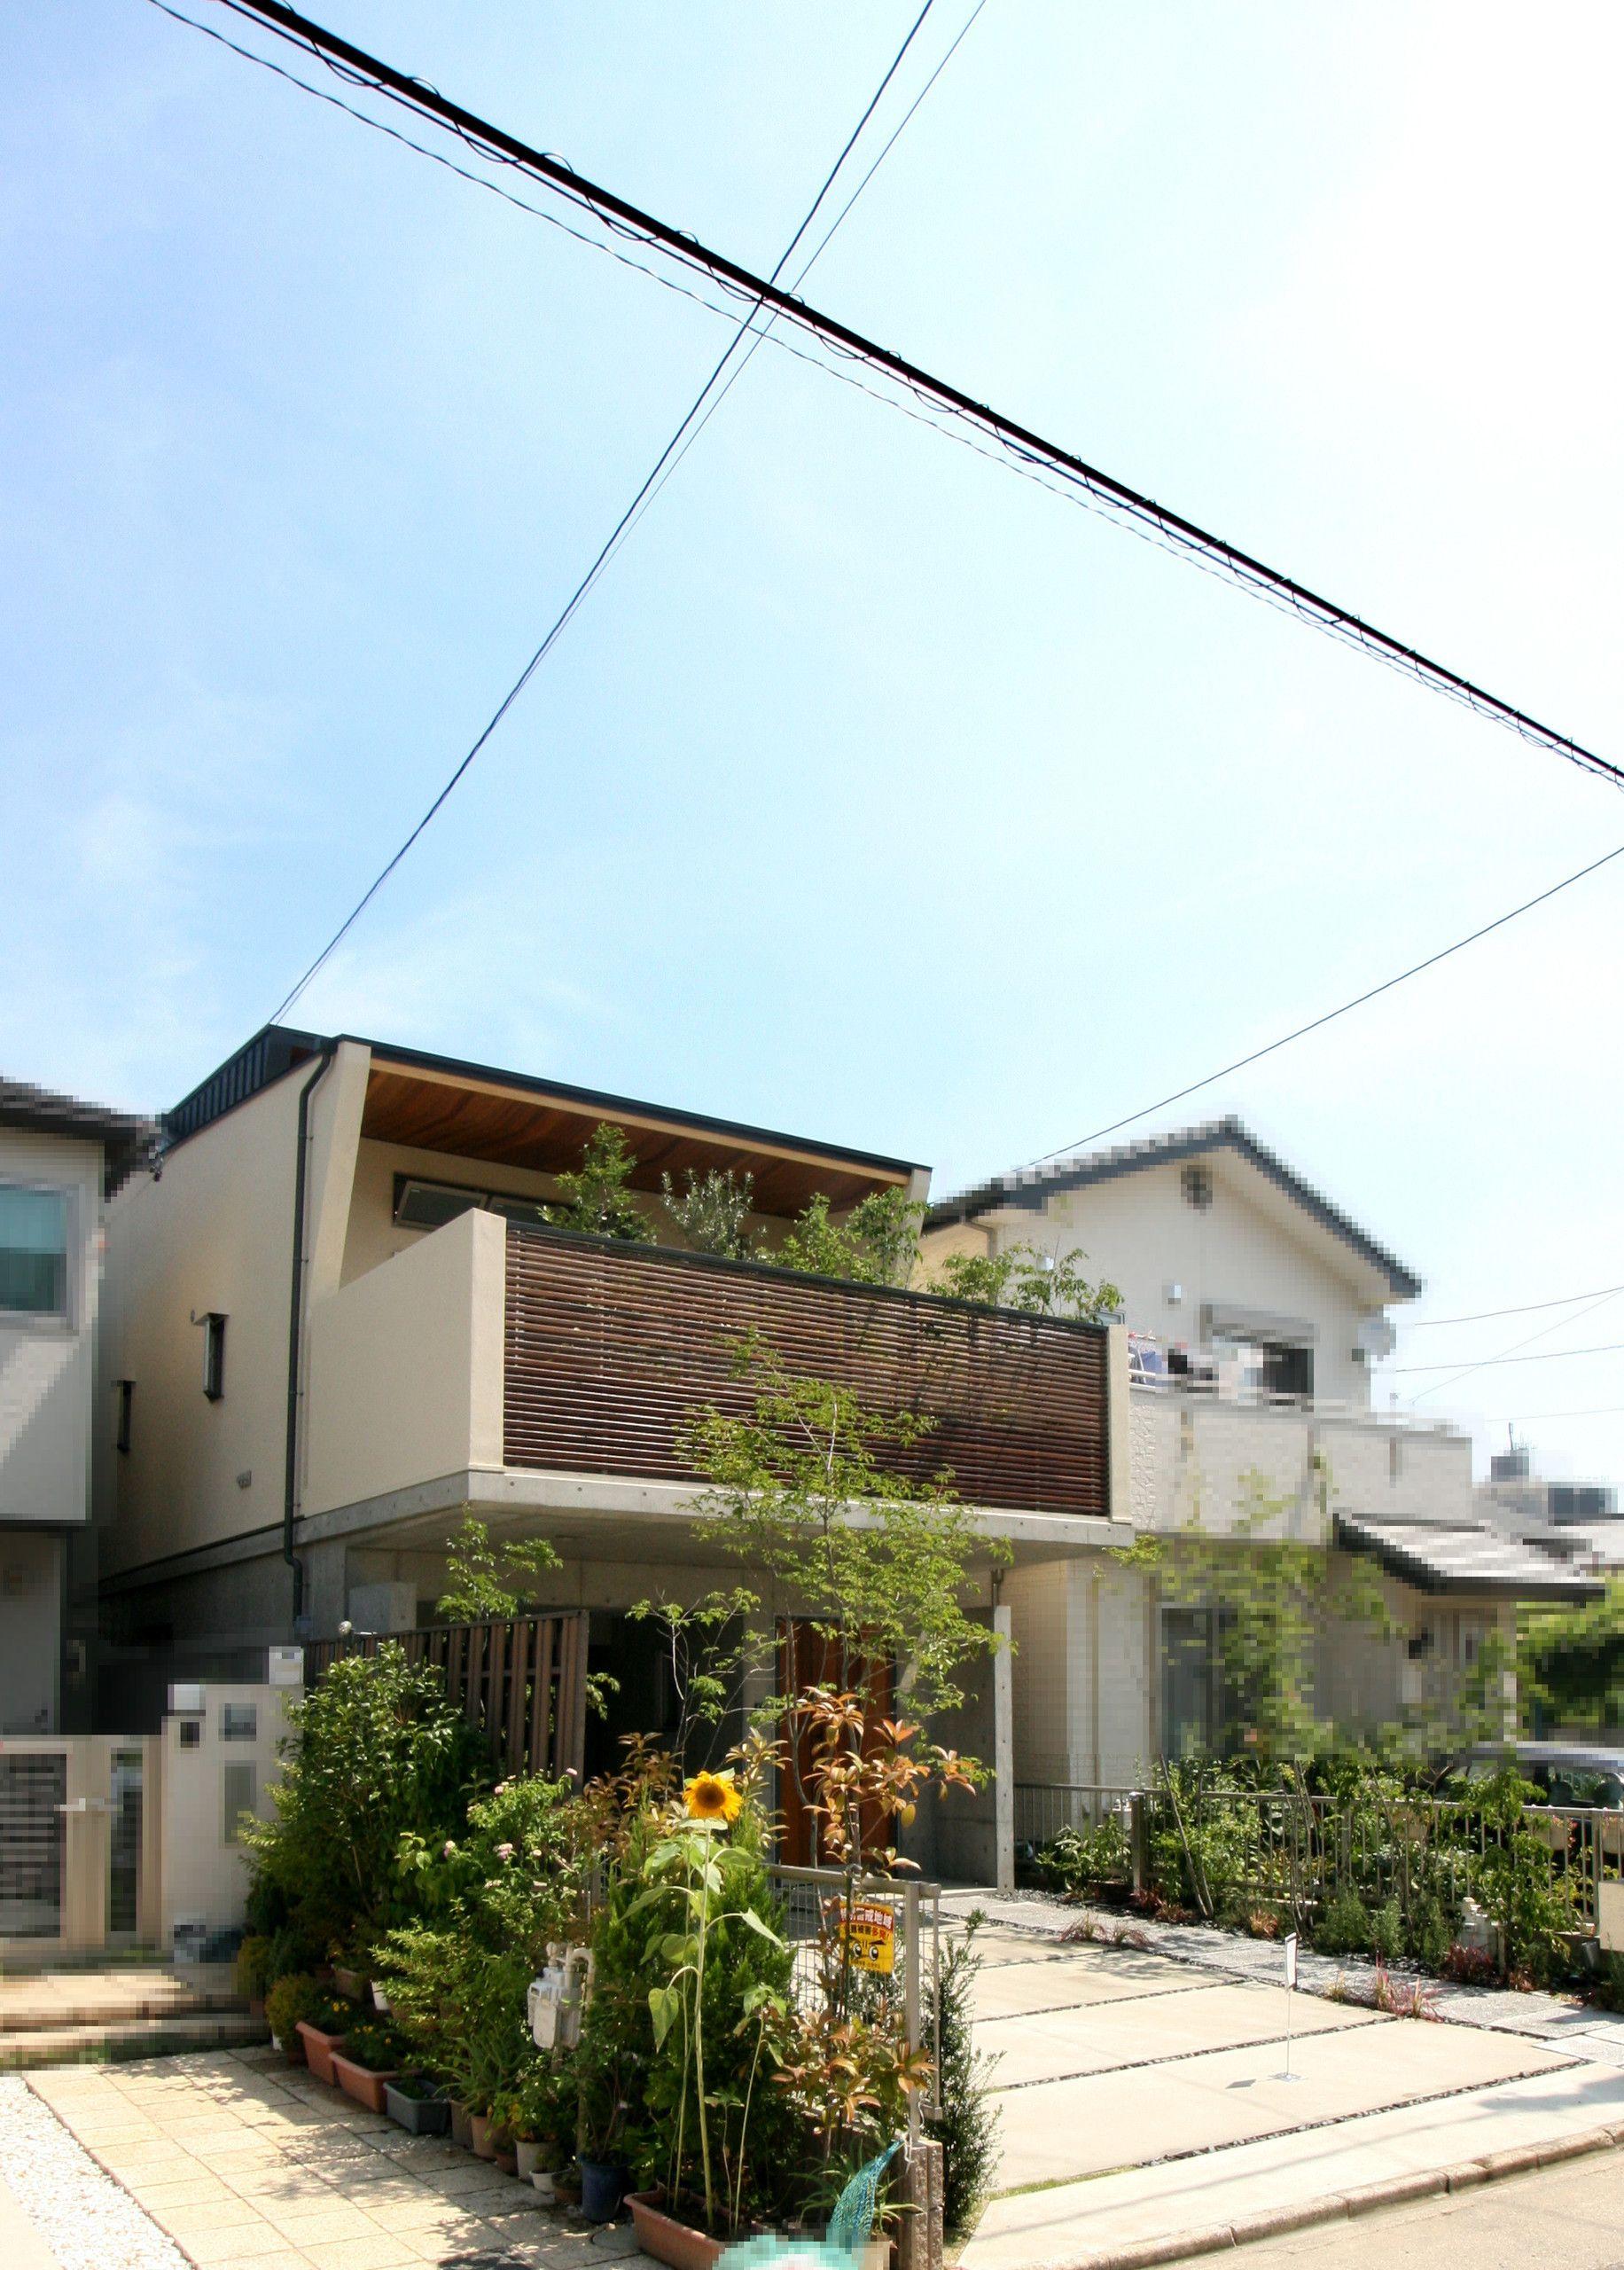 ガーデンテラスのある家 住宅 外観 ハウスデザイン 家